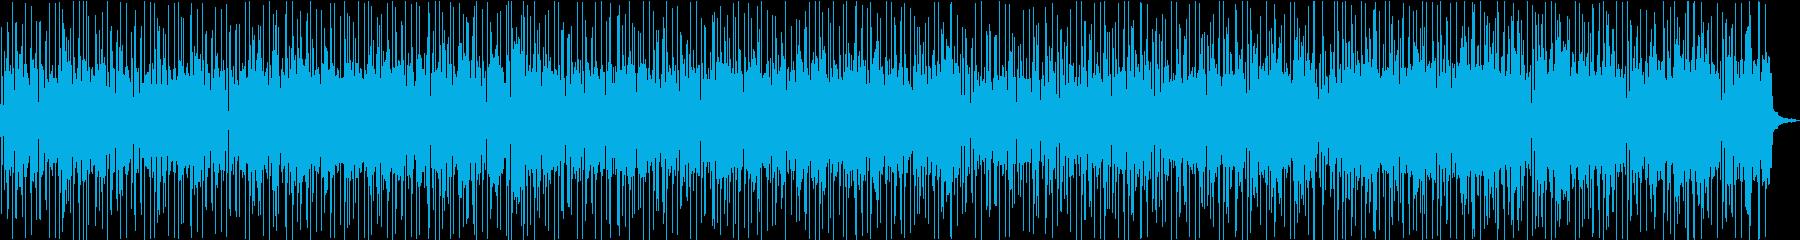 オルガン・アシッドジャズ・軽快・おしゃれの再生済みの波形